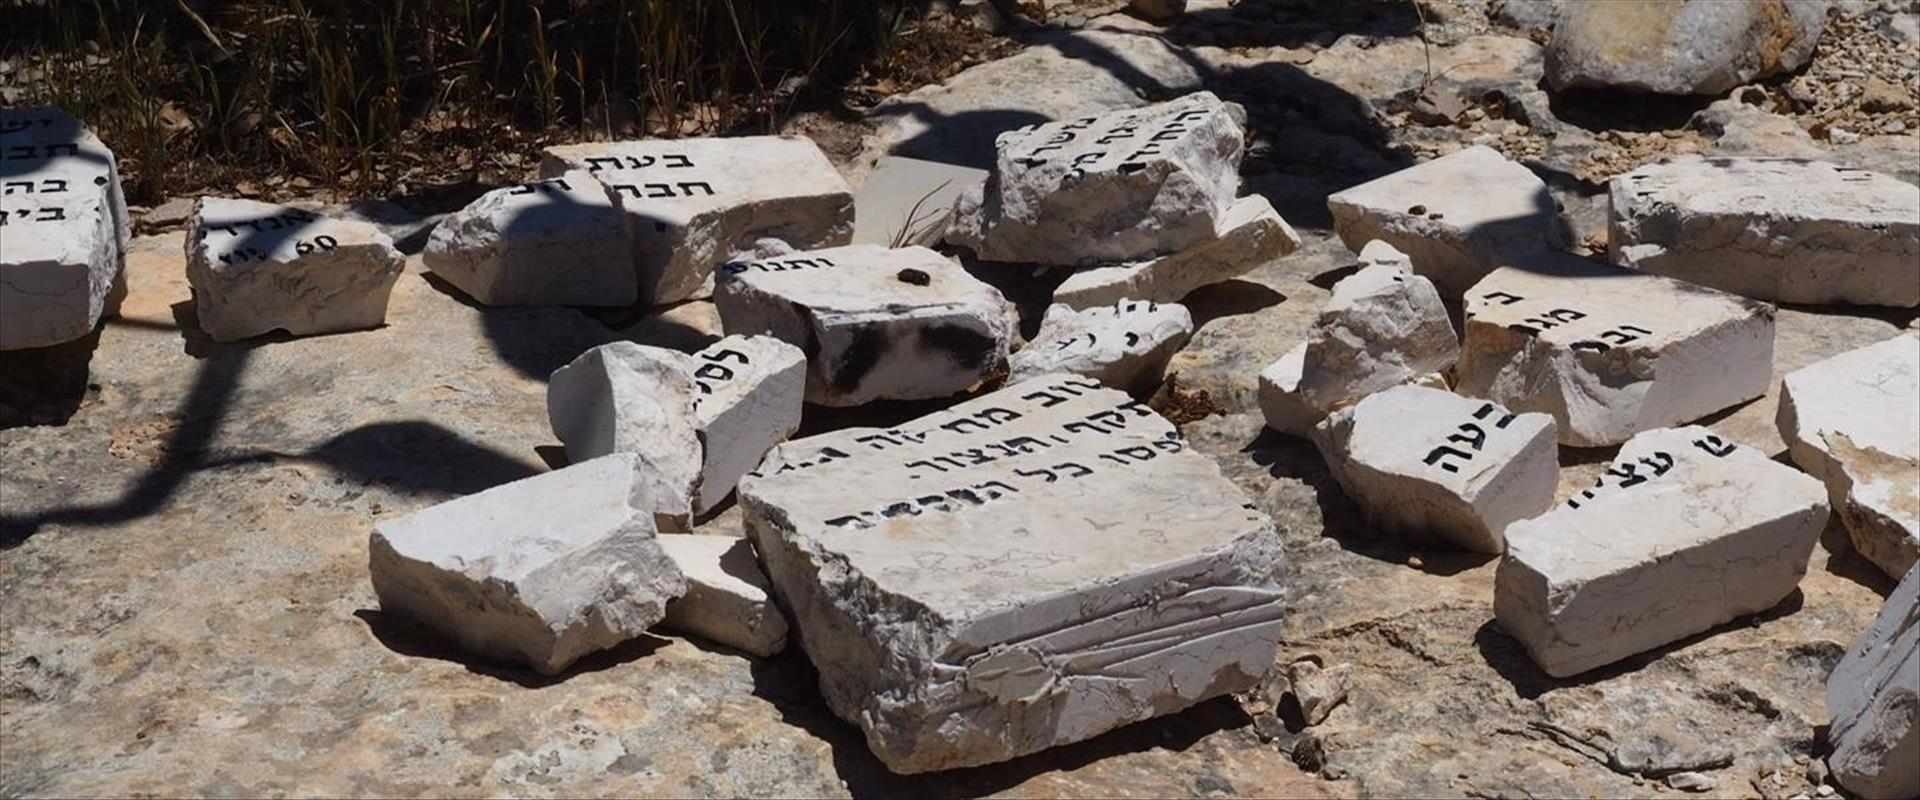 """האנדרטה המנופצת לזכר חללי הל""""ה בגבעת הקרב, 4 במאי"""